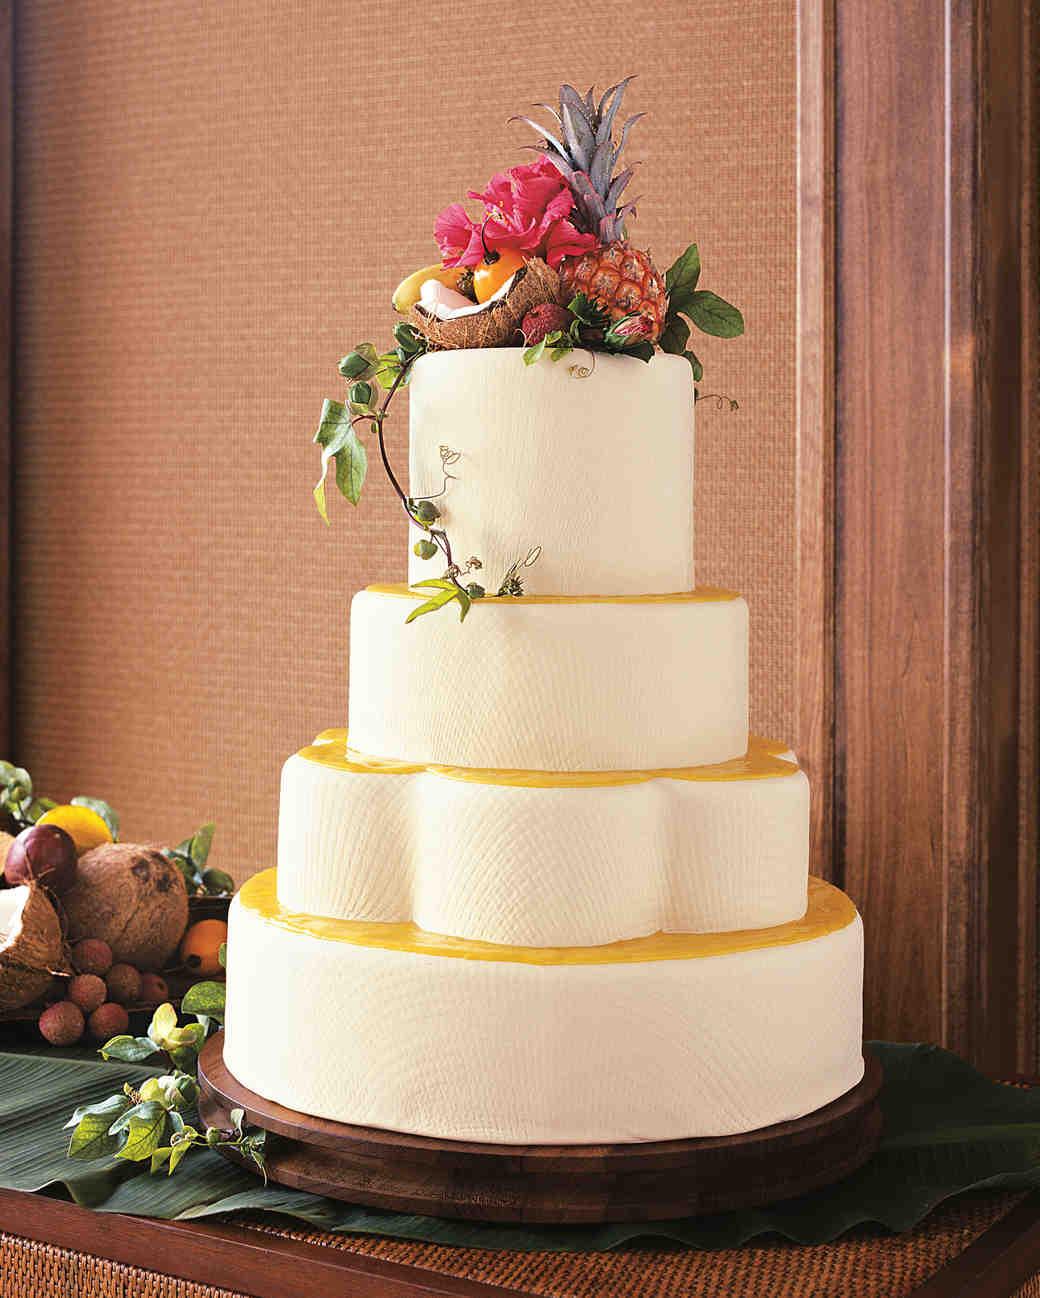 Beach Wedding Cakes Pictures  25 Amazing Beach Wedding Cakes